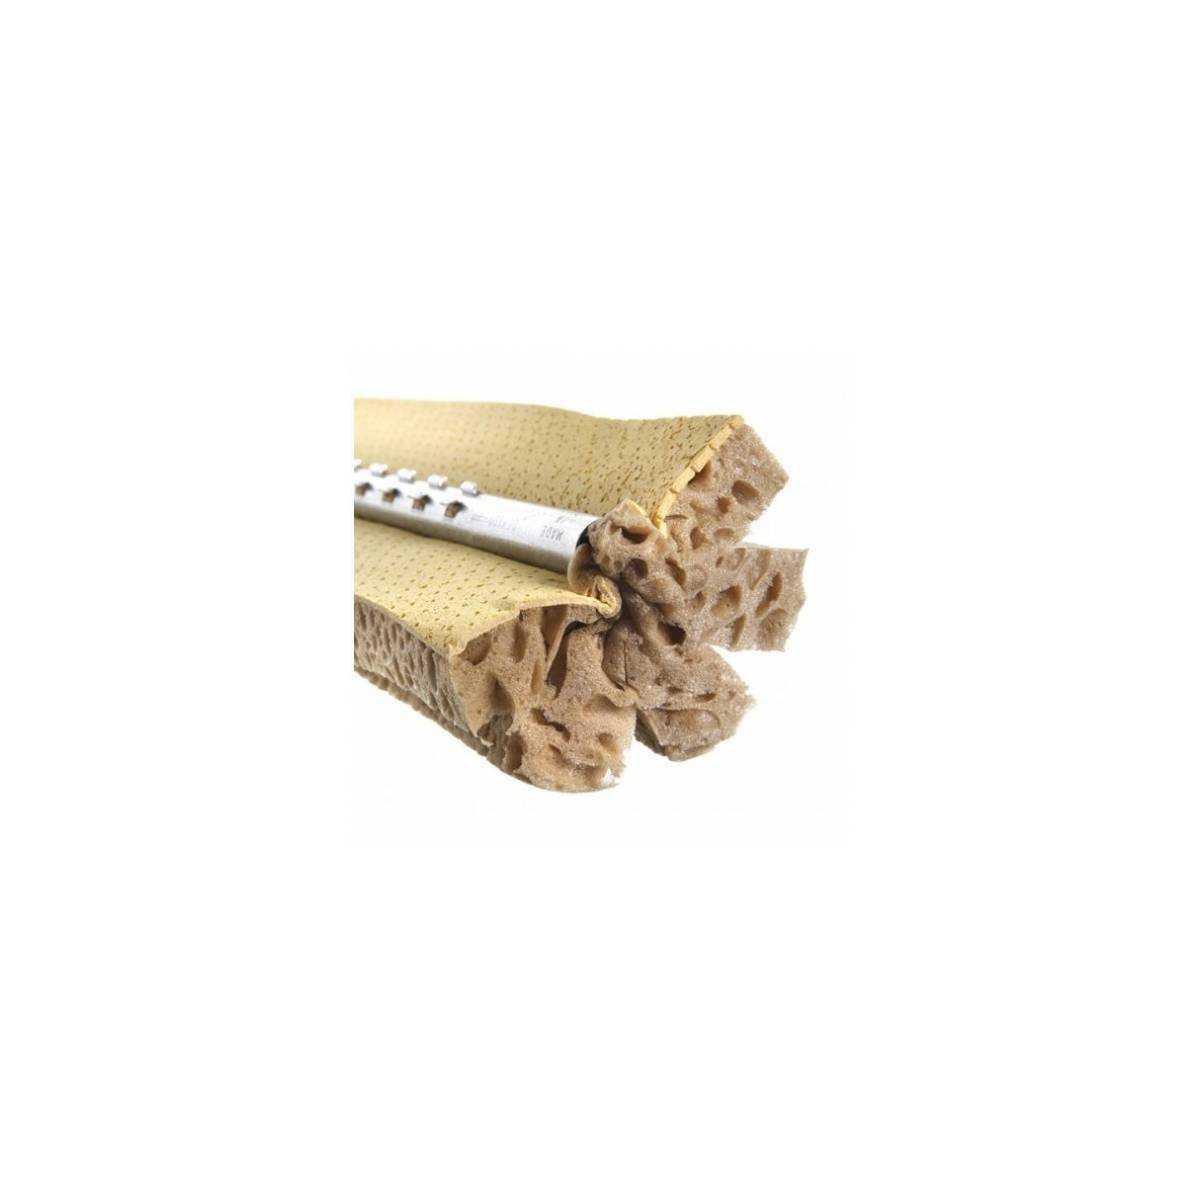 Запаска (моп) швабры 25см 10518 APEX - Fratelli Re SpA